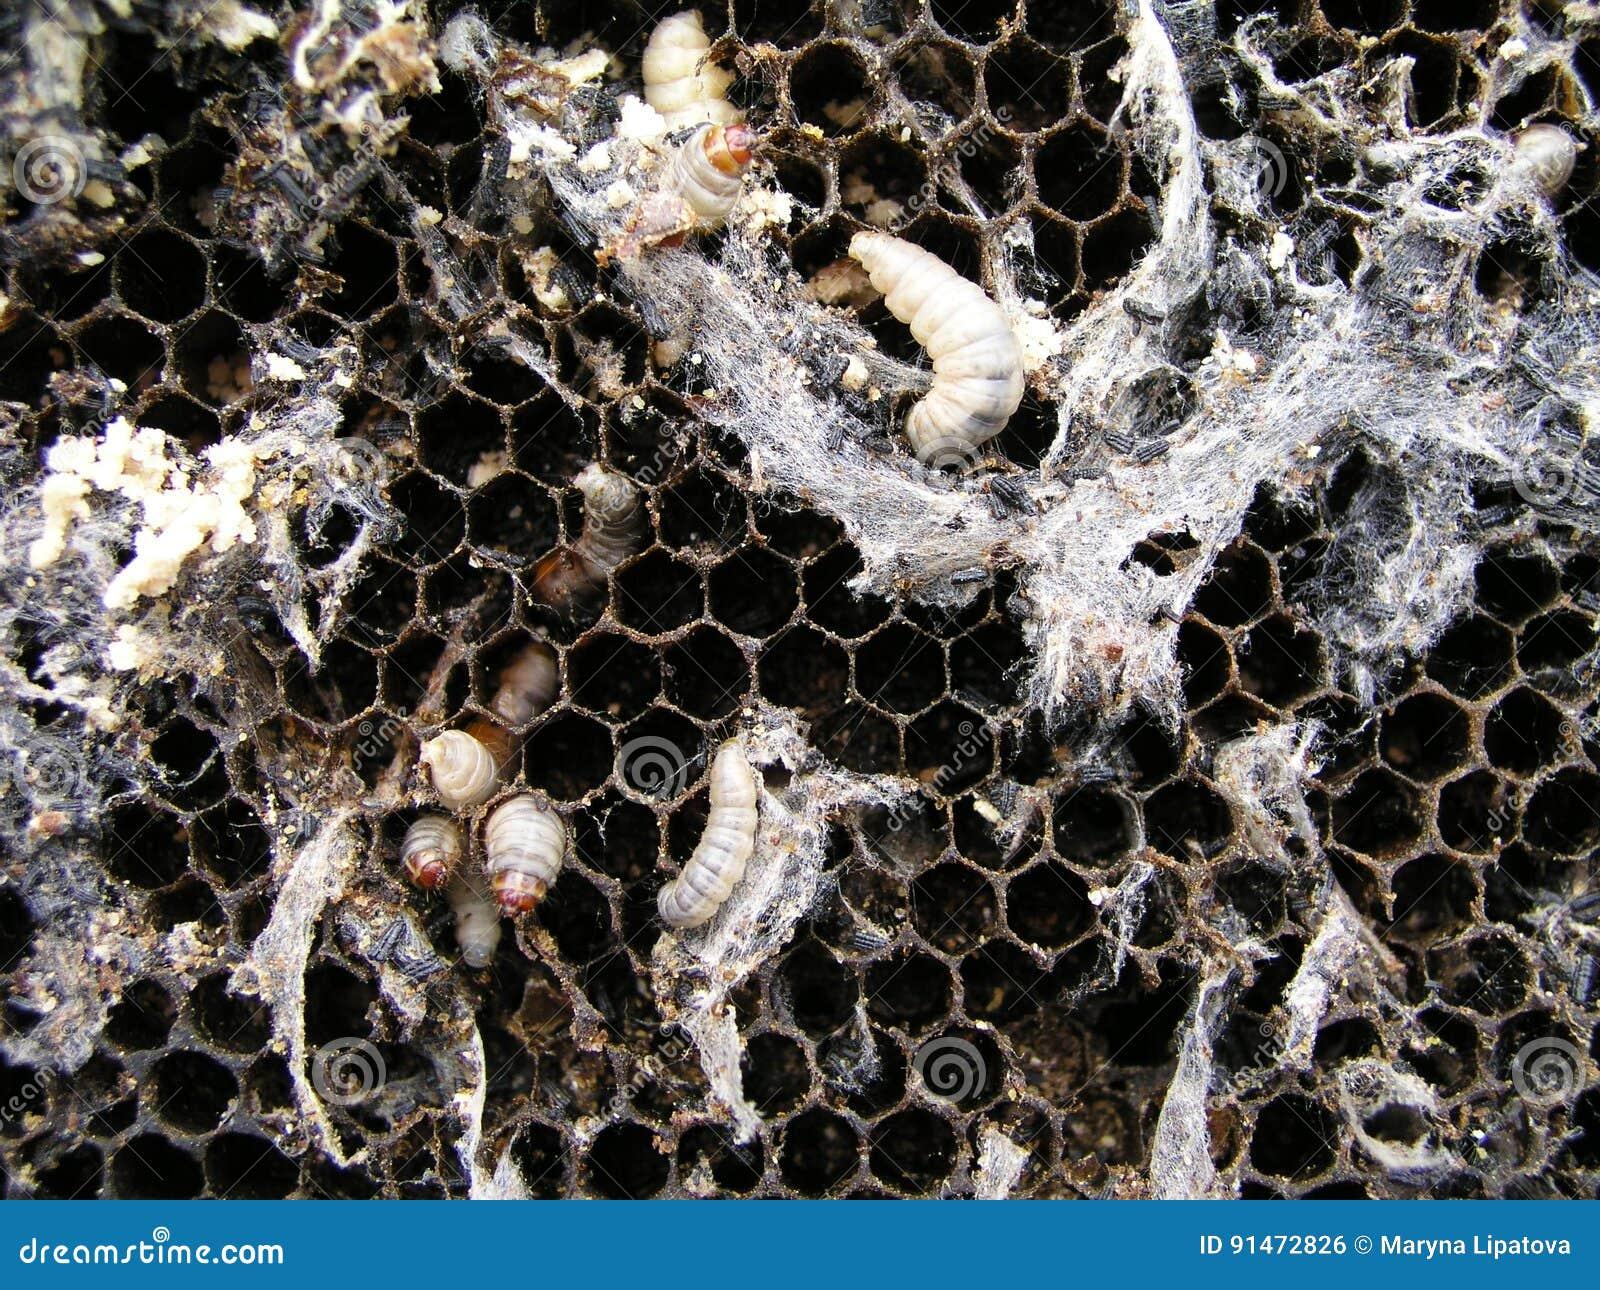 les larves de mite de cire sur un nid infect d 39 abeille la famille des abeilles est malade avec. Black Bedroom Furniture Sets. Home Design Ideas